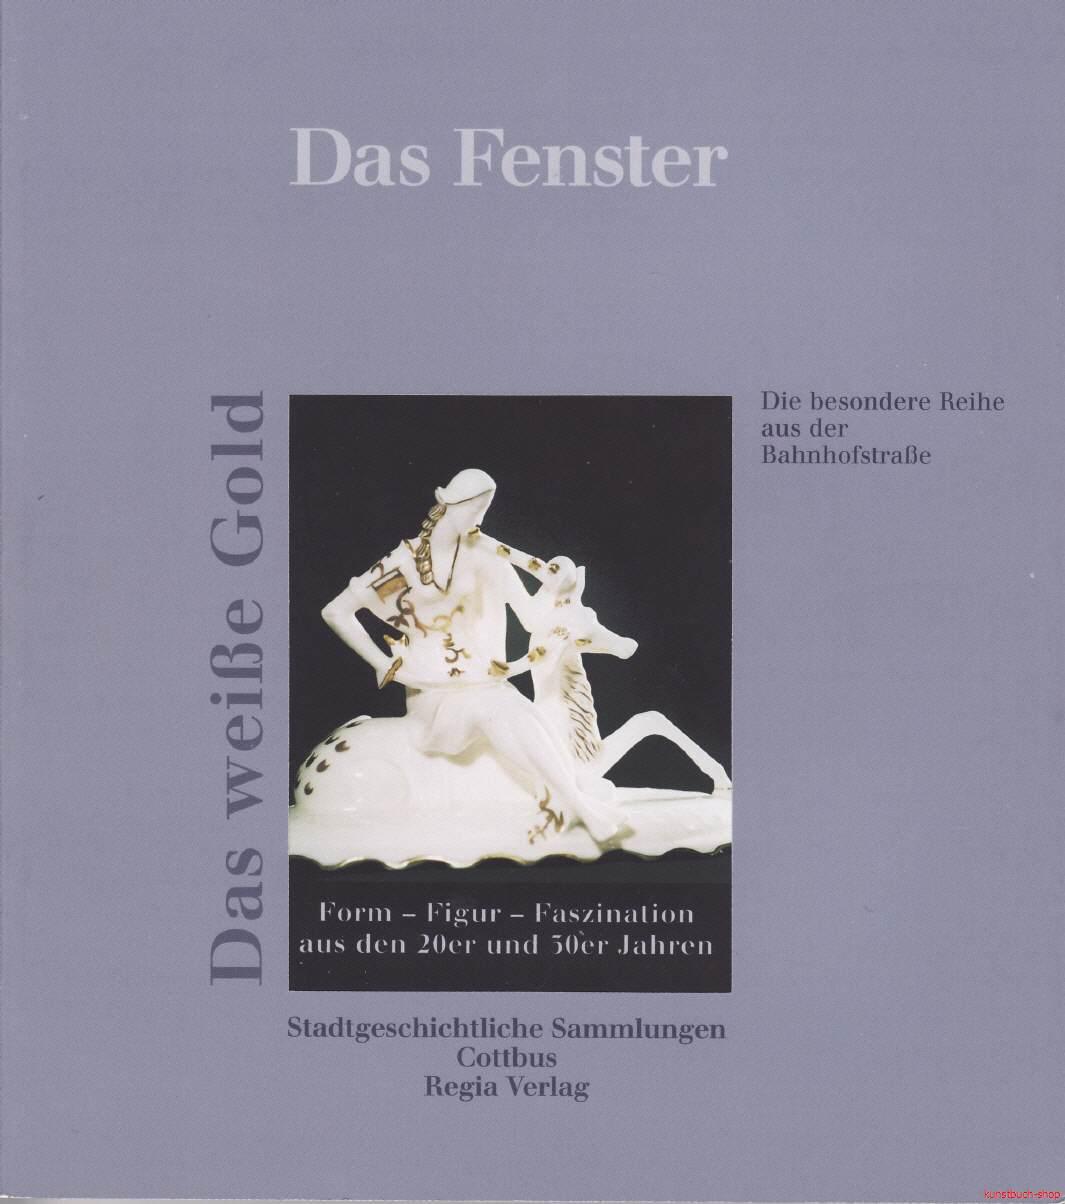 Porzellan - Das weiße Gold  Form-Figur-Faszination aus den 20er- und 30er Jahren - Adele Vetter, Barbara Baumüller